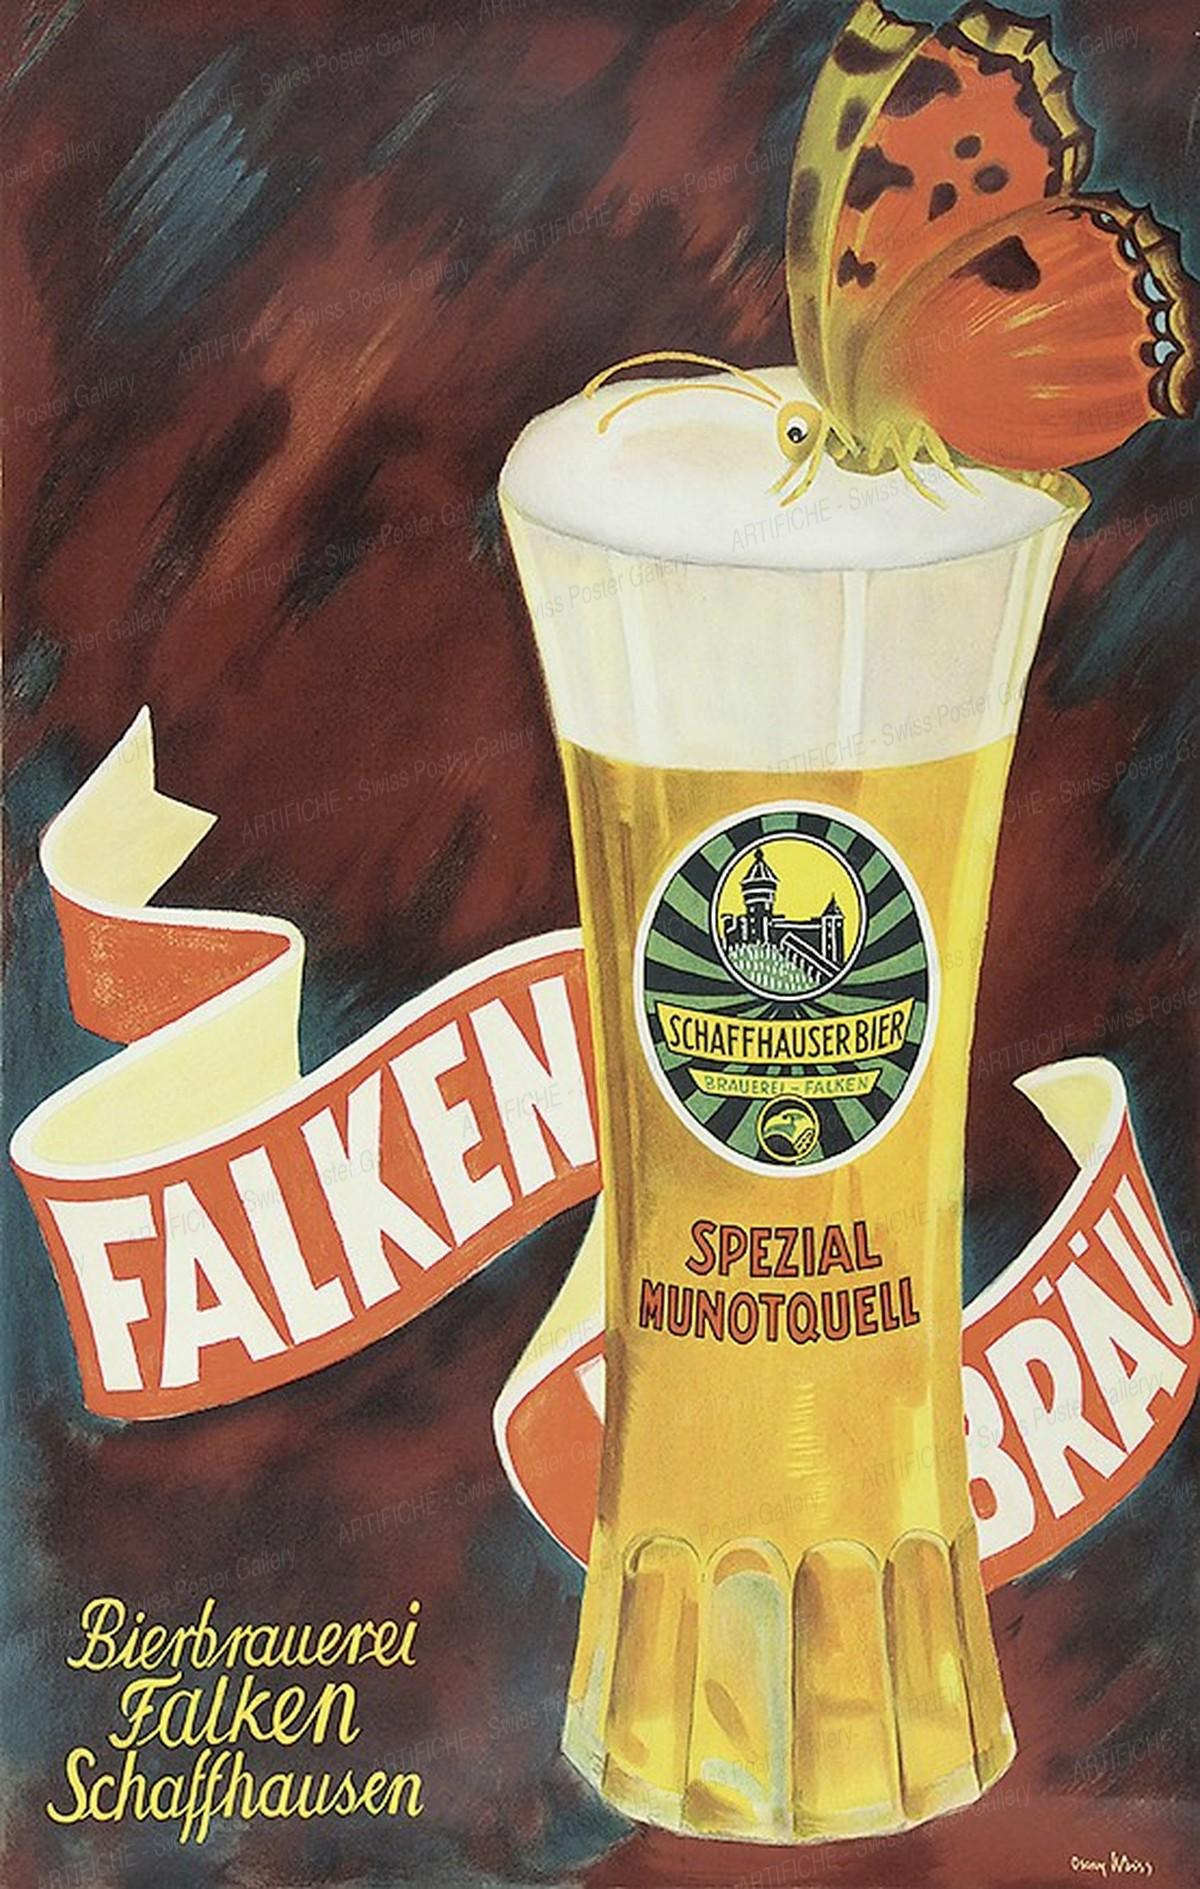 Brauerei Falken Schaffhausen, Oscar Weiss